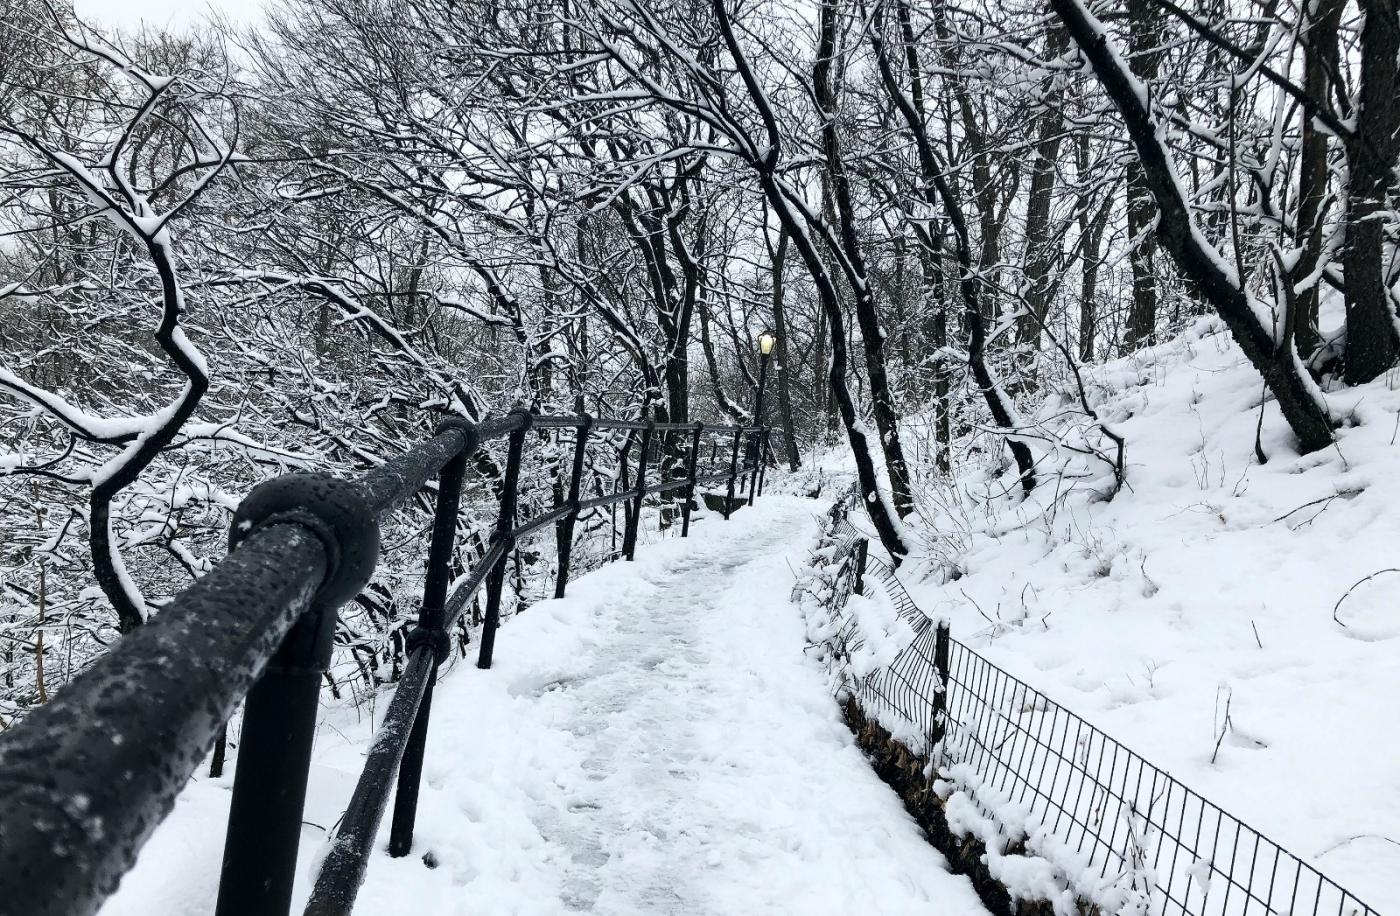 【田螺手机摄影】纽约雪景、还是中央公园最漂亮[二]_图1-18